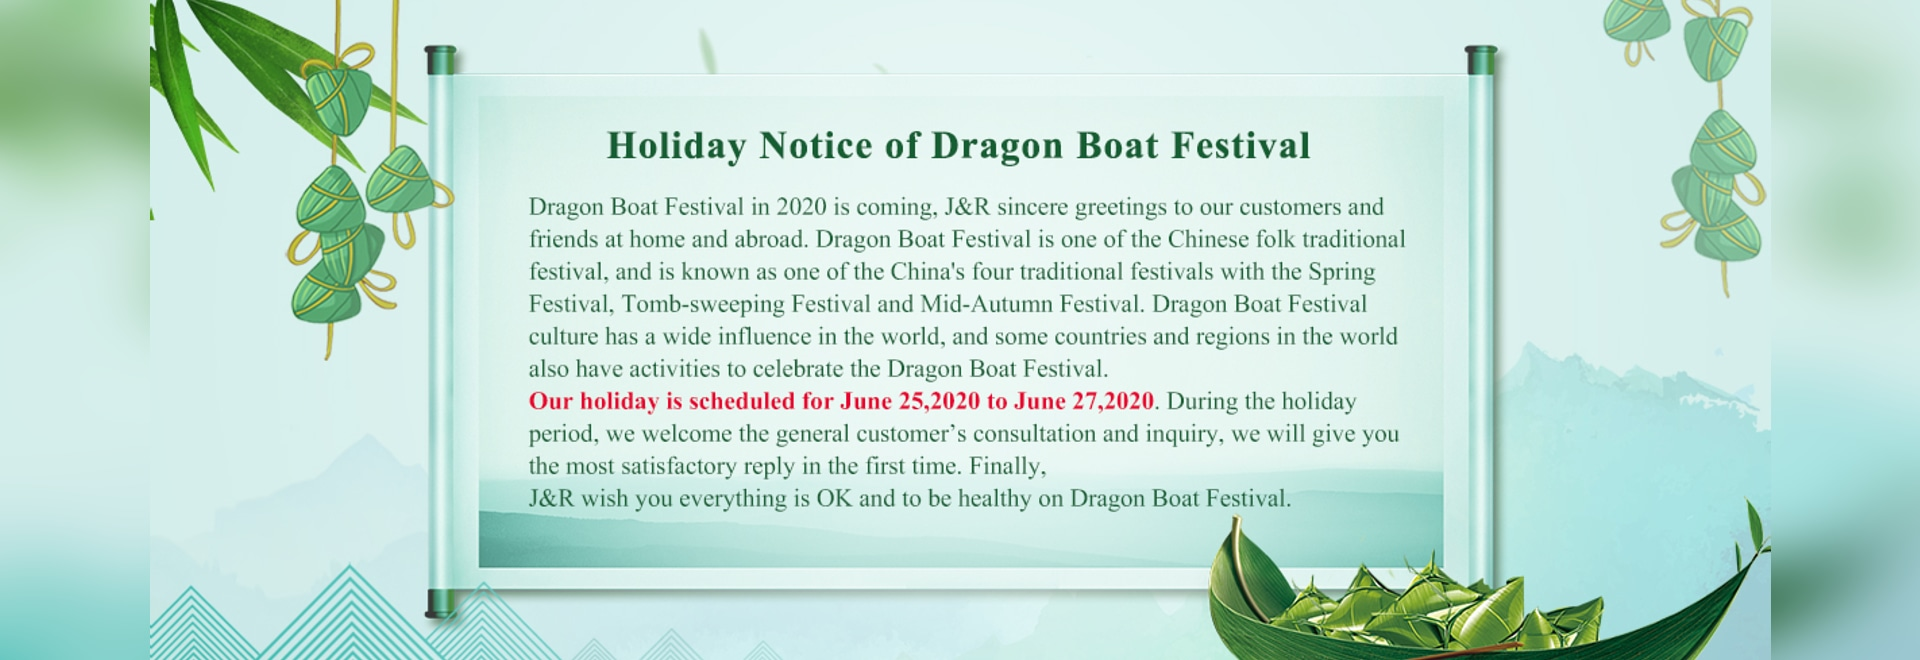 Feiertagsbekanntmachung des Drachenboot-Festivals